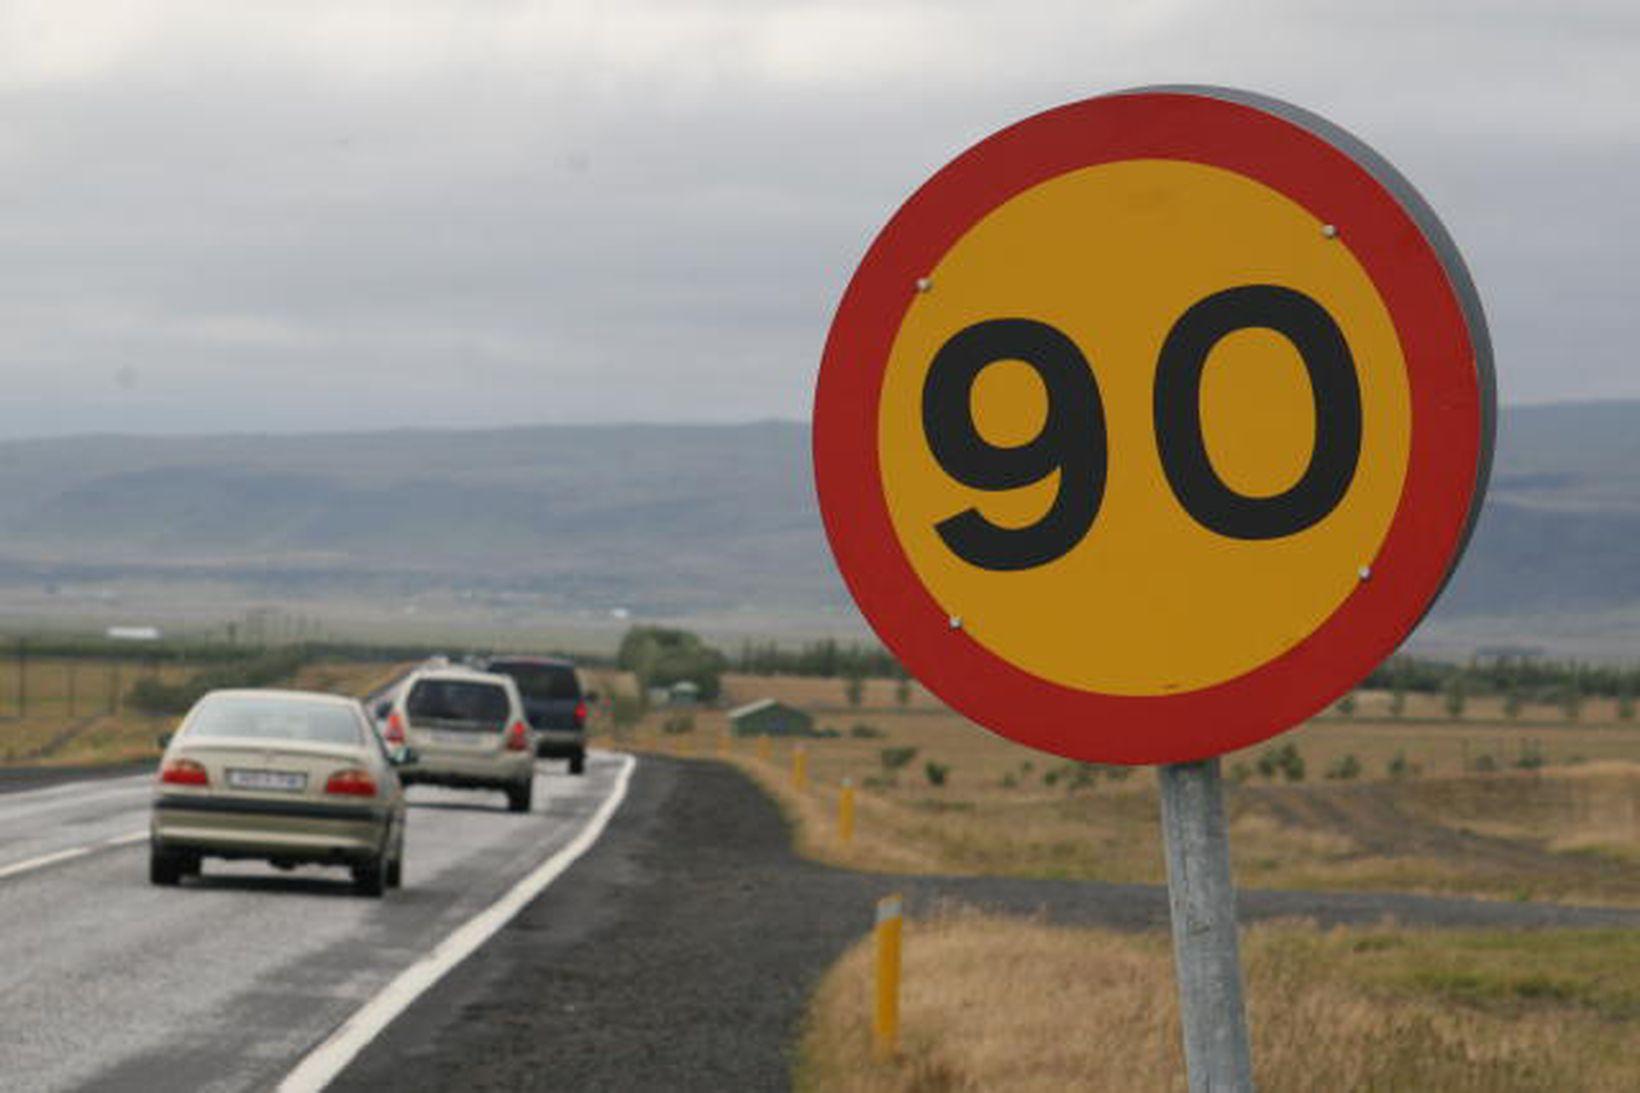 90 km hámarkshraði miðast við bestu mögulegu aðstæður.